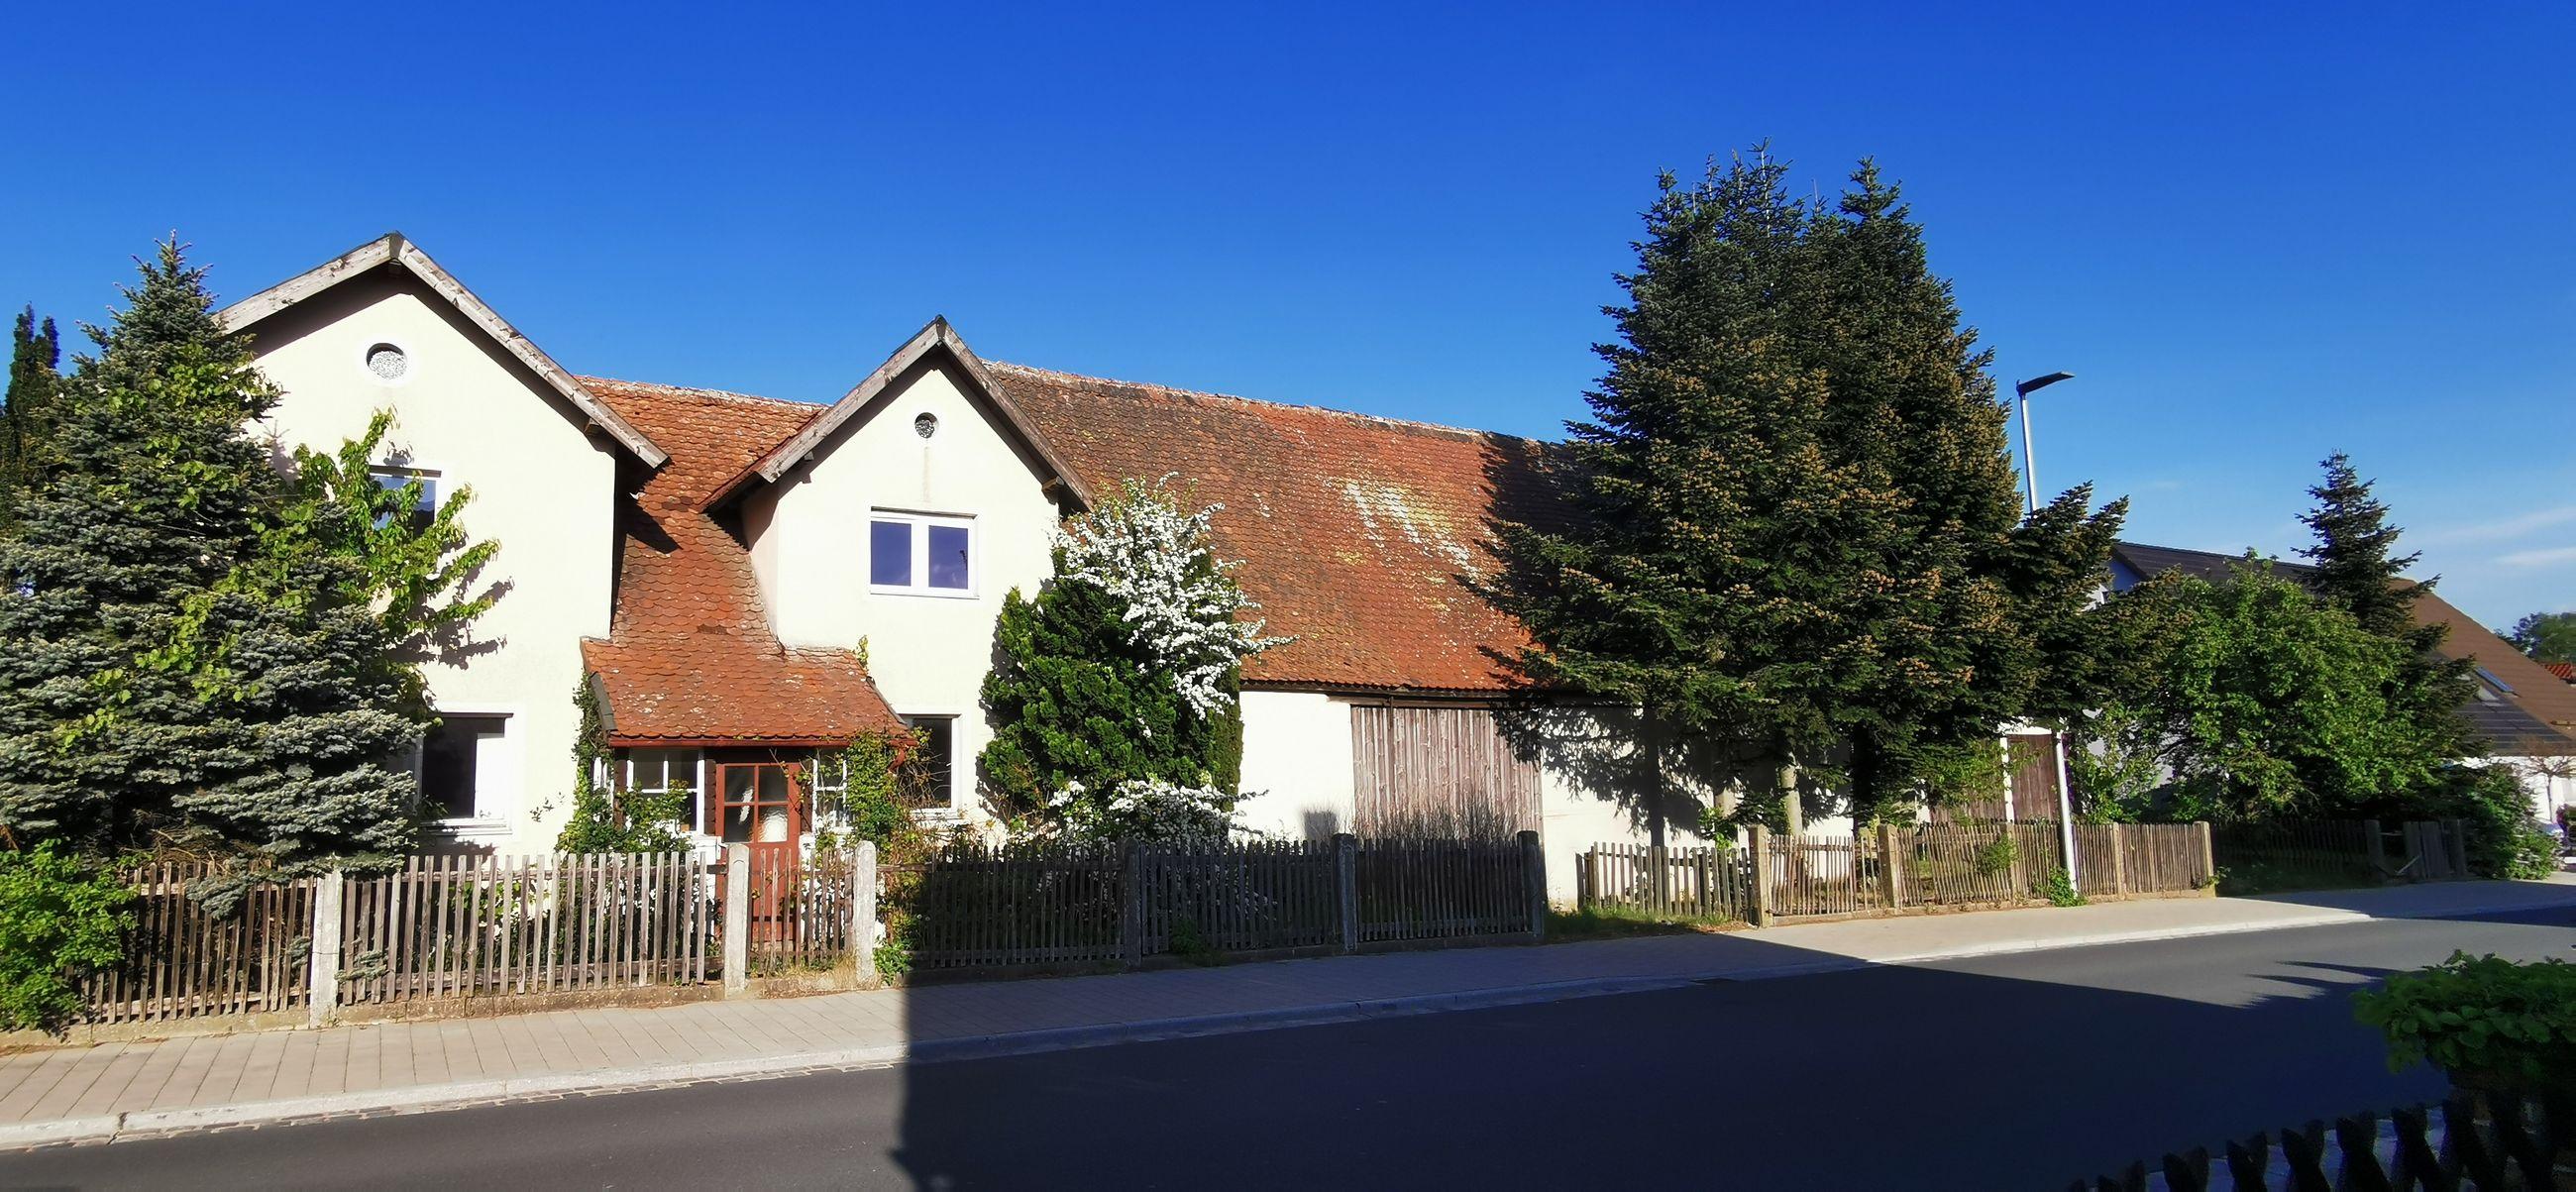 Landwirtschaftliches Anwesen in Elpersdorf